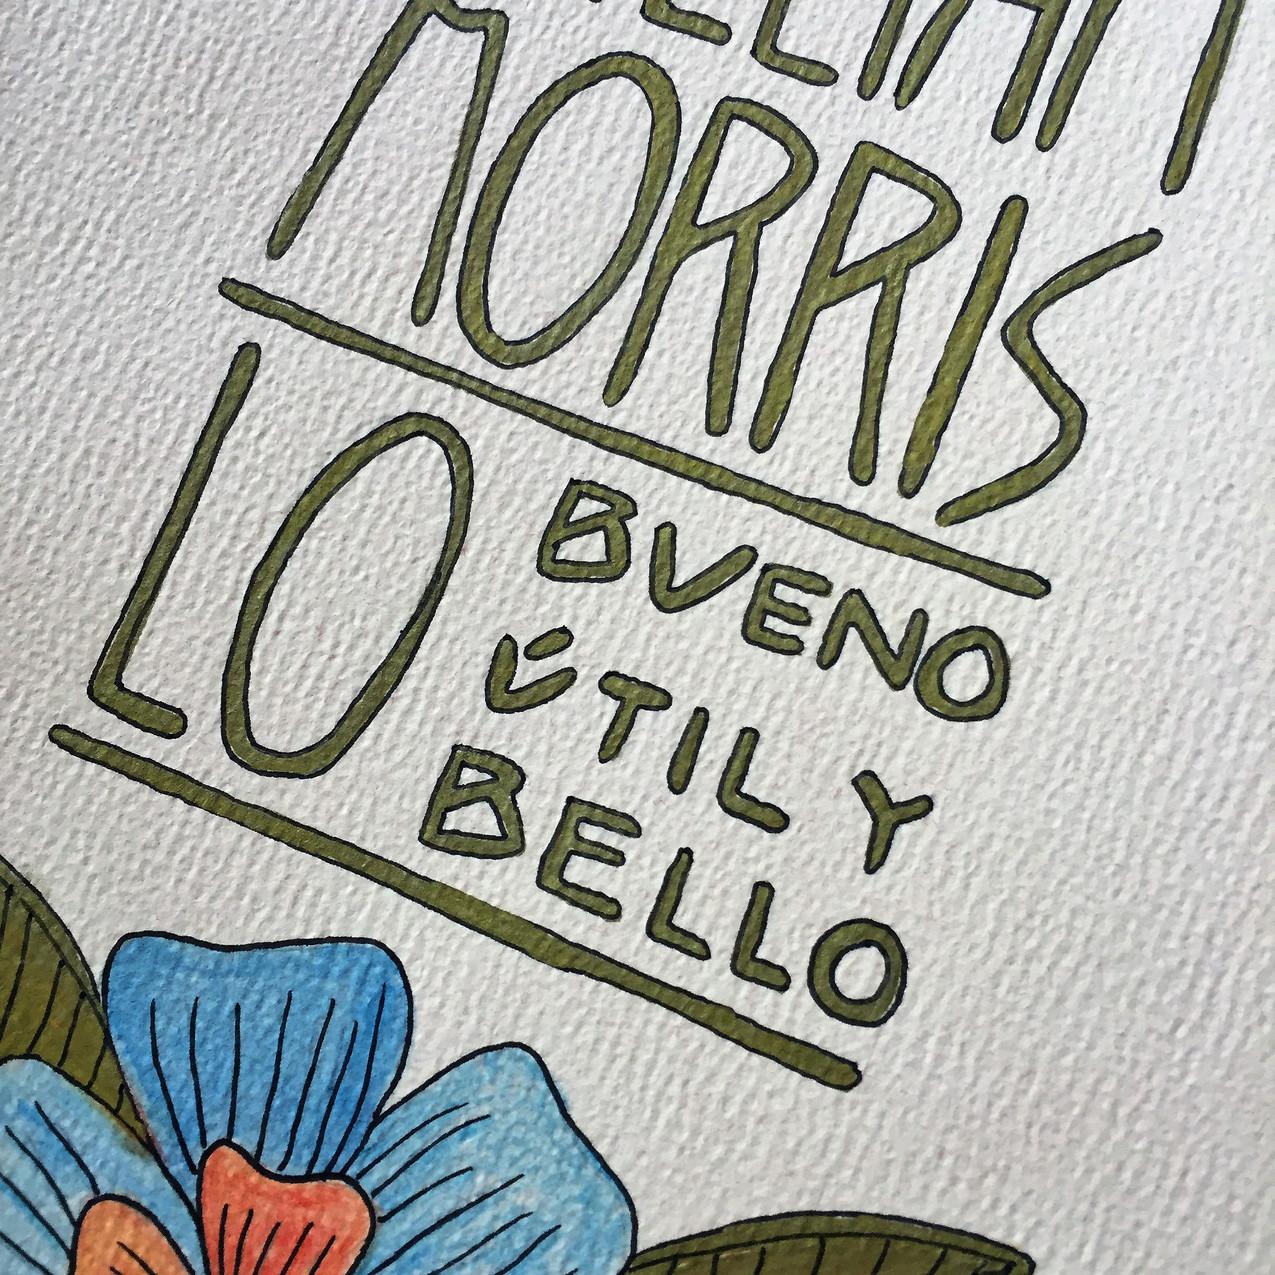 edición_especial_william_morris_mochuelo_libros_2